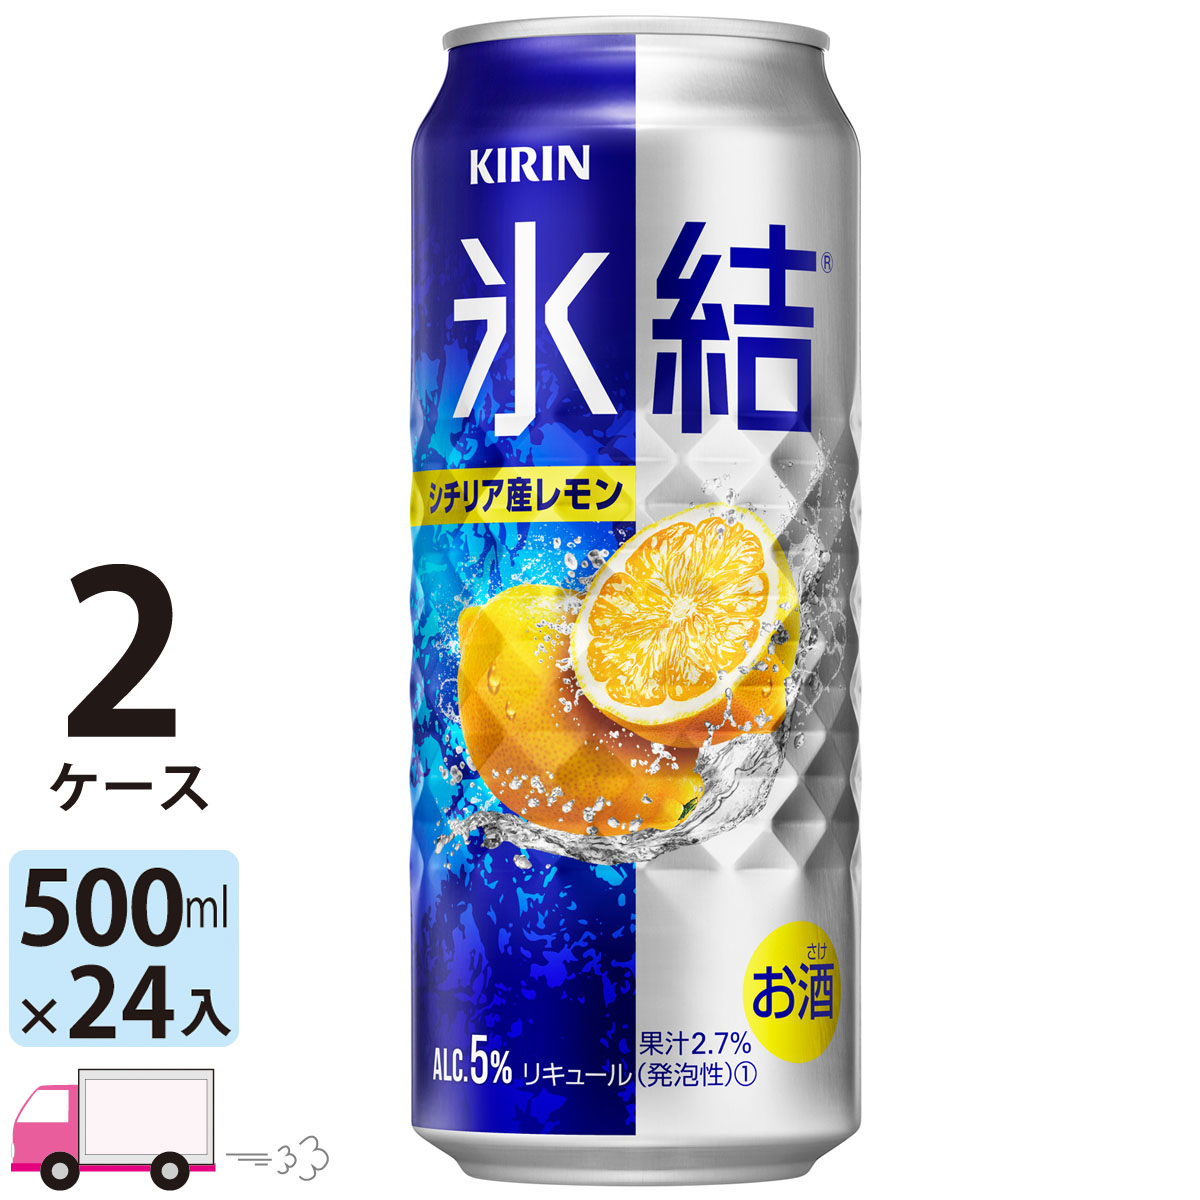 シチリア産レモンの氷結ストレート果汁を主に使用した 爽やかでみずみずしいおいしさ 送料無料 キリン 市場 500ml缶×2ケース 48本入り お買い得品 氷結 シチリア産レモン